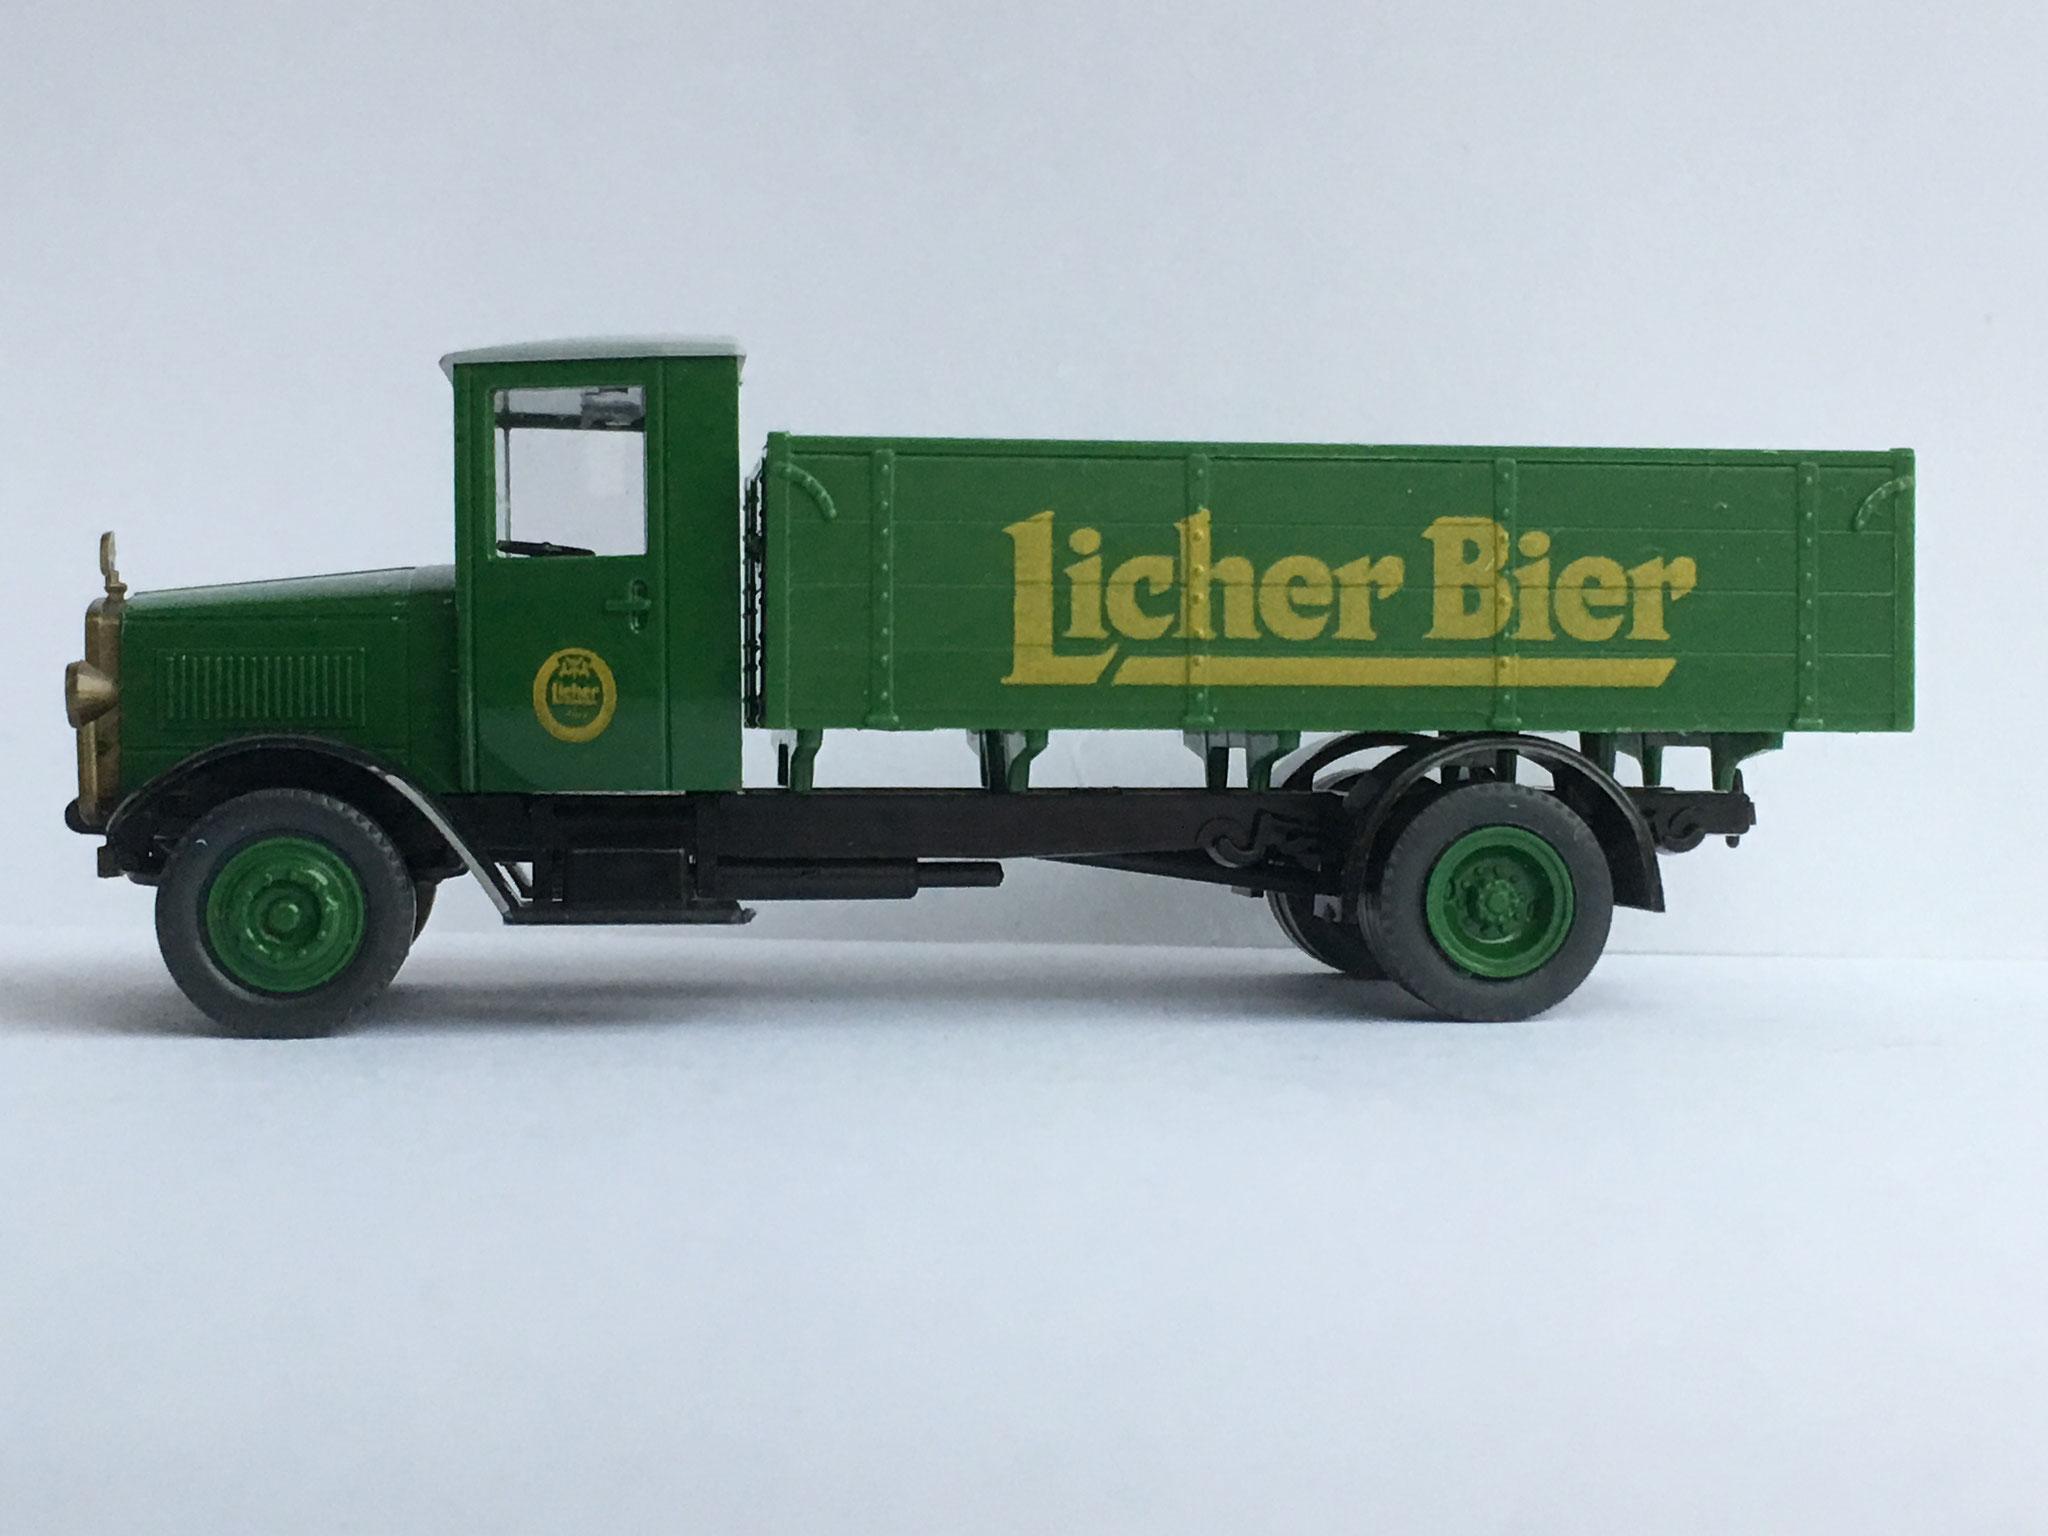 Mercedes L5 Bierwagen Licher Bier, Variante 1, 1989